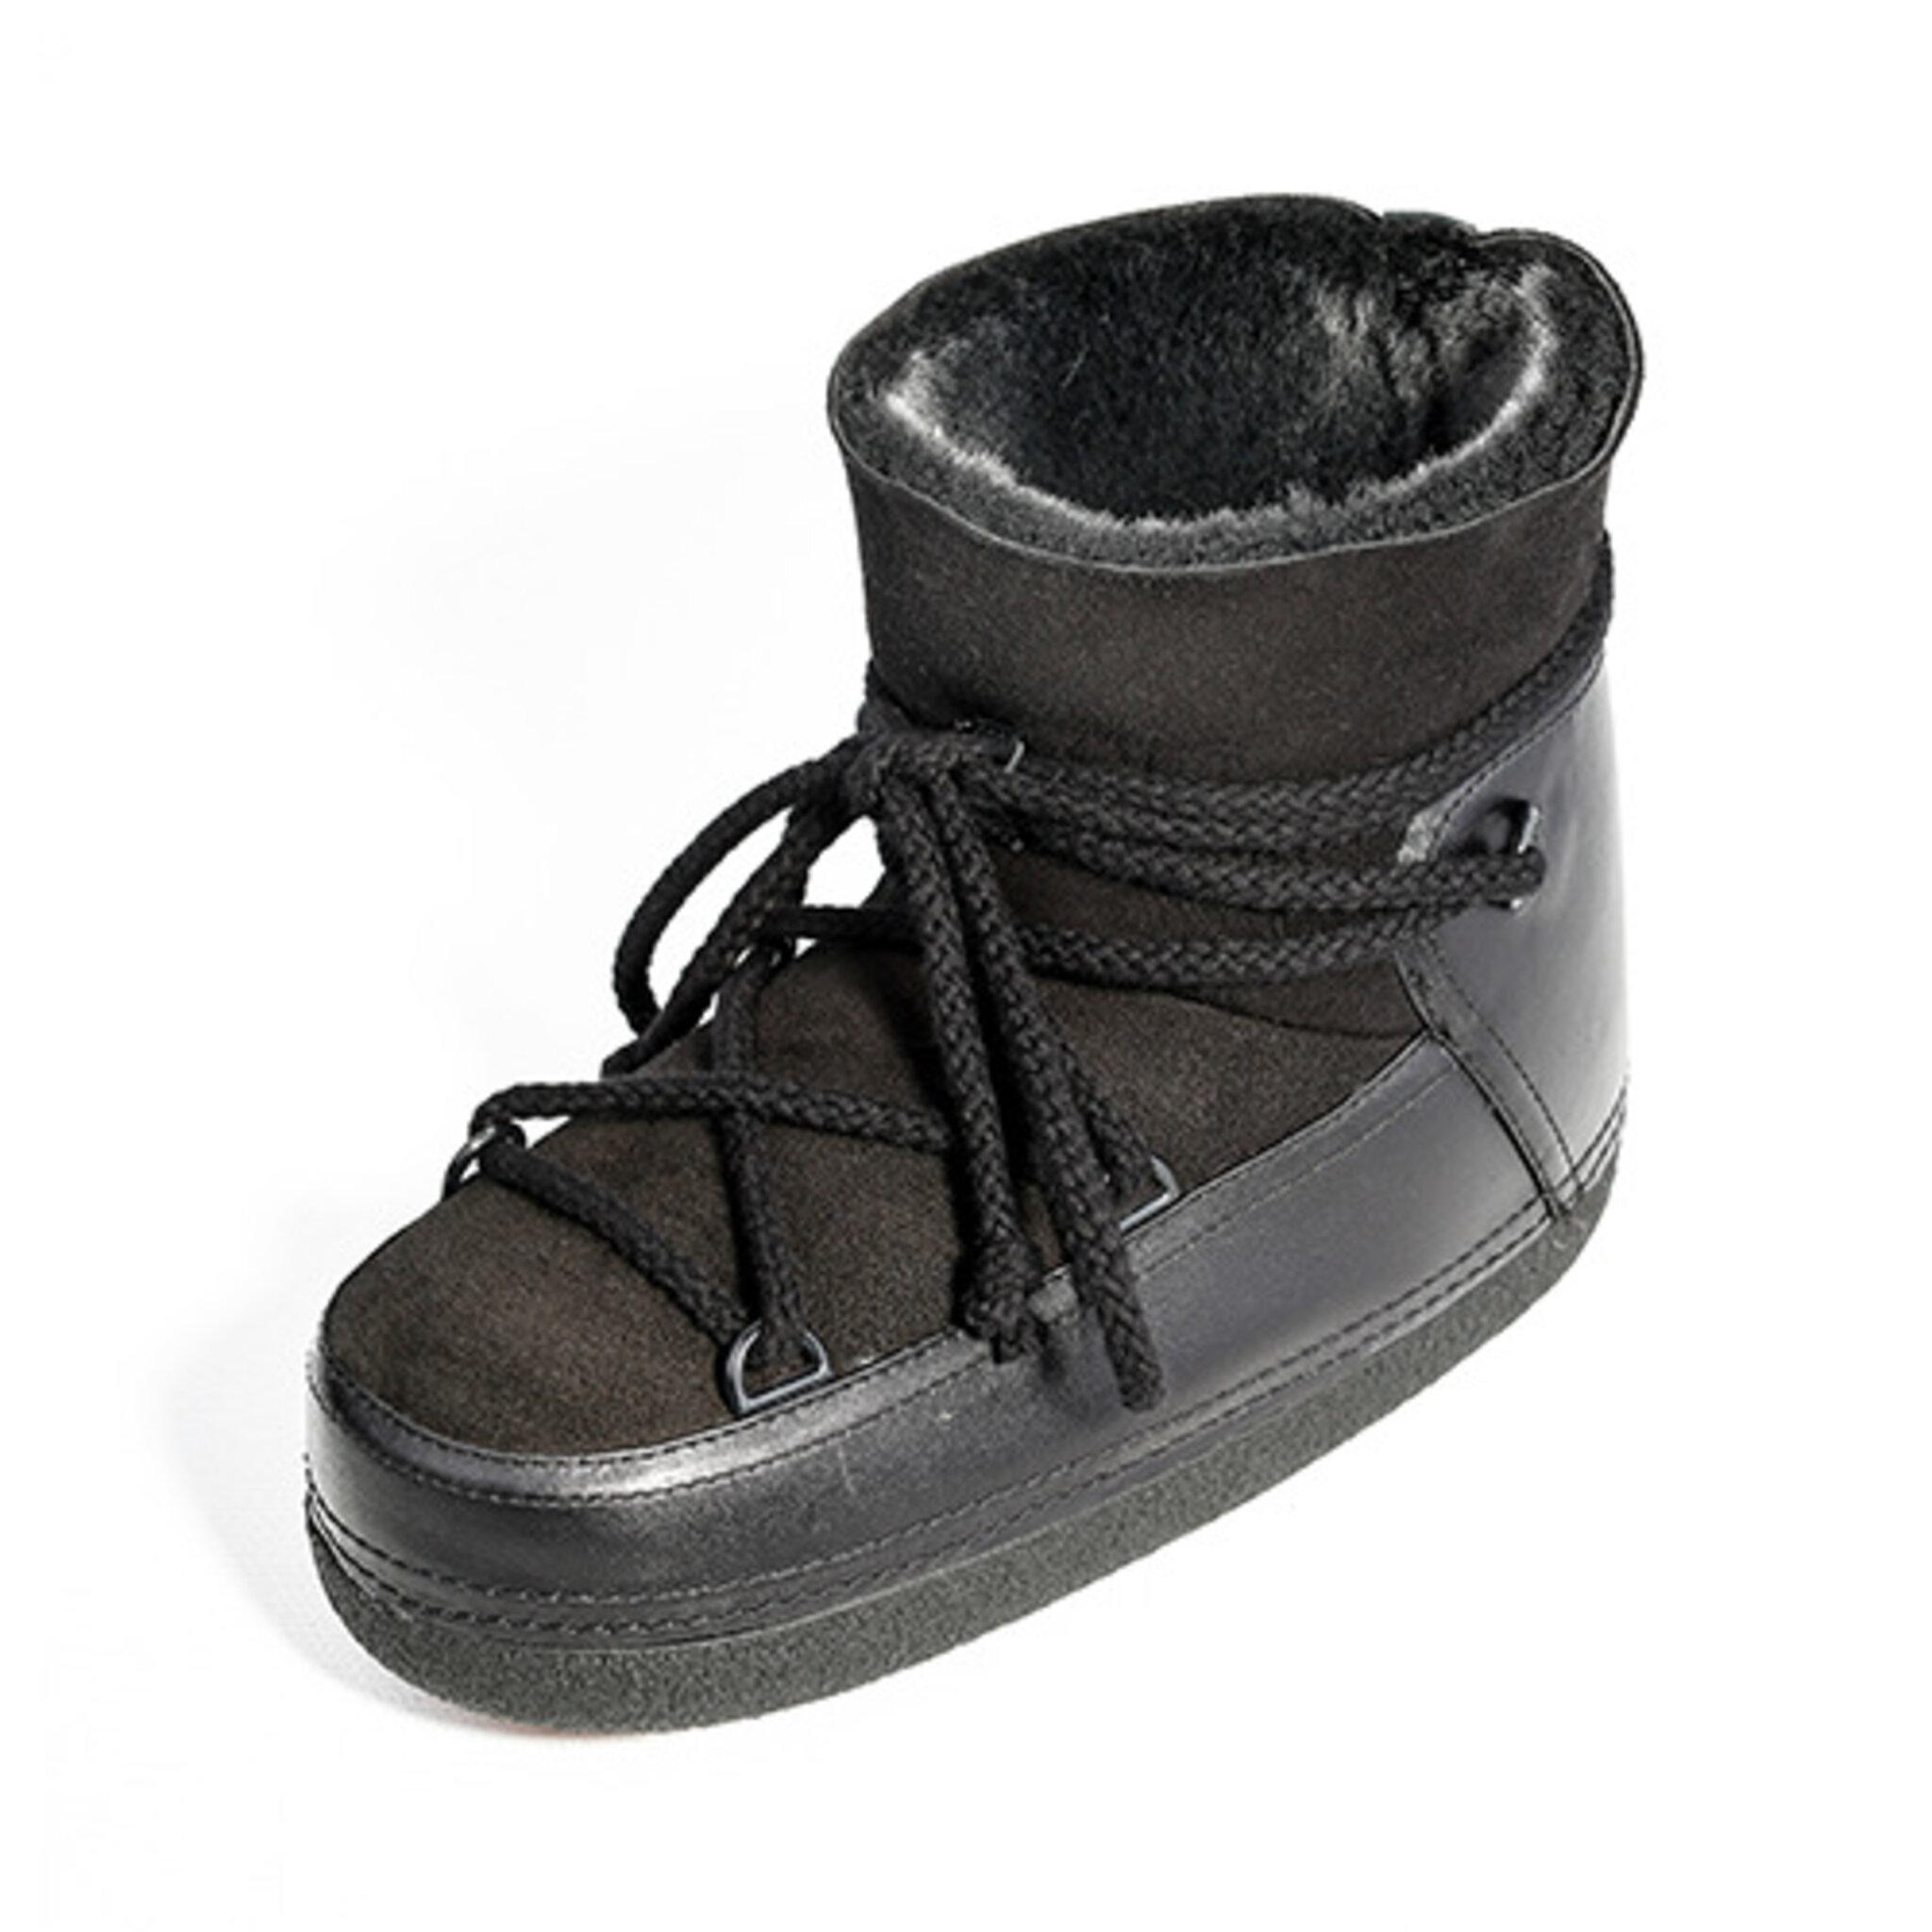 319b9b43de1 Boot Classic - Stövlar & boots - Köp online på åhlens.se!